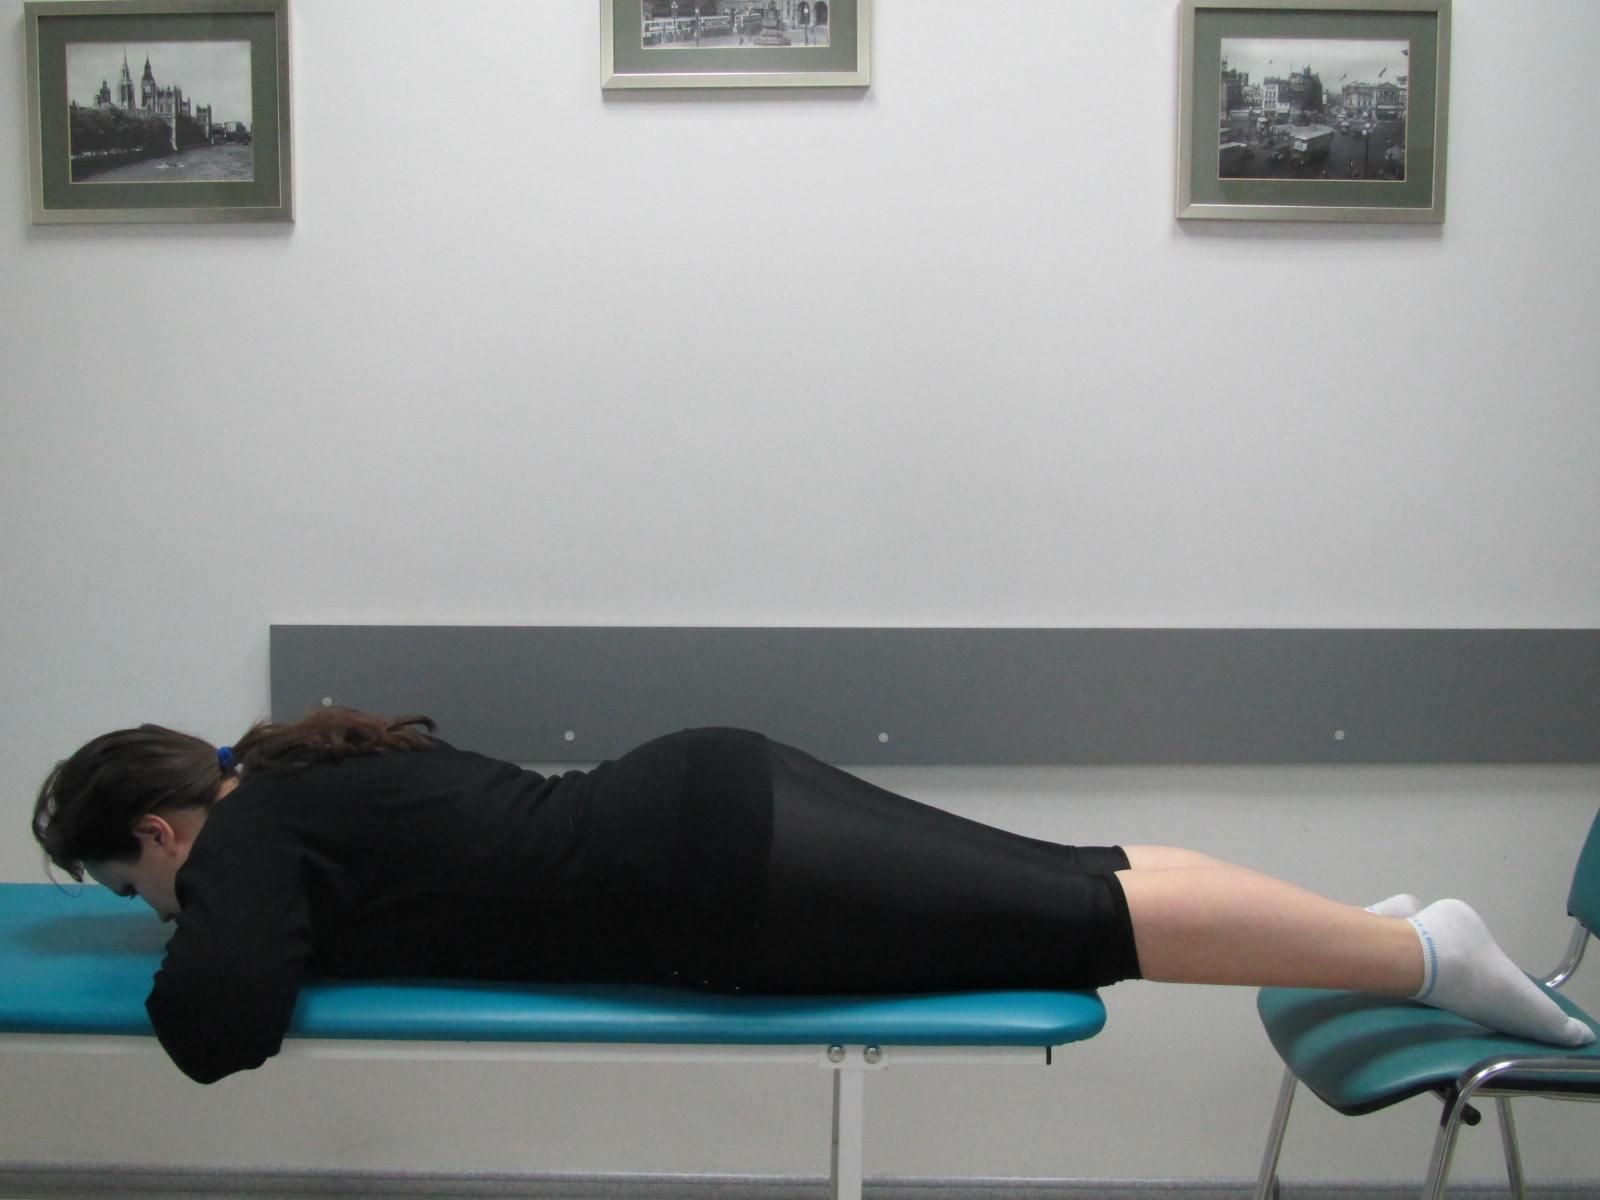 fisură puternică în articulațiile genunchiului